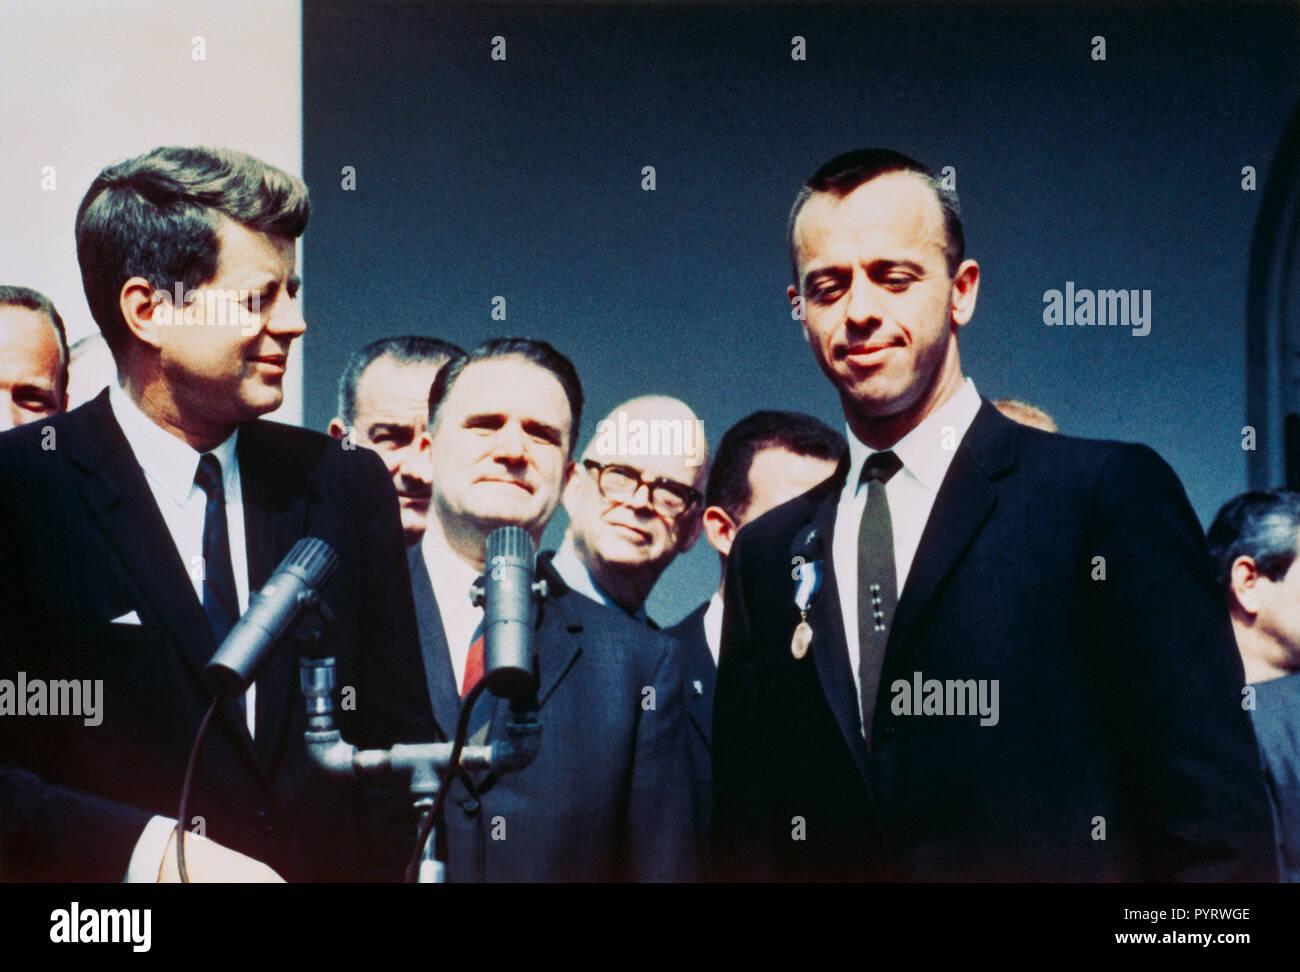 (8. Mai 1961) - - - Präsident John F. Kennedy (links) gratuliert der NASA Distinguished Service Medal Award Empfänger Astronaut Alan B. Shepard jr. in einem Rosengarten Zeremonie am 8. Mai 1961, im Weißen Haus. Vizepräsident Lyndon B. Johnson, NASA-Administrator James Edwin Webb und mehreren NASA-Astronauten sind im Hintergrund. Stockfoto